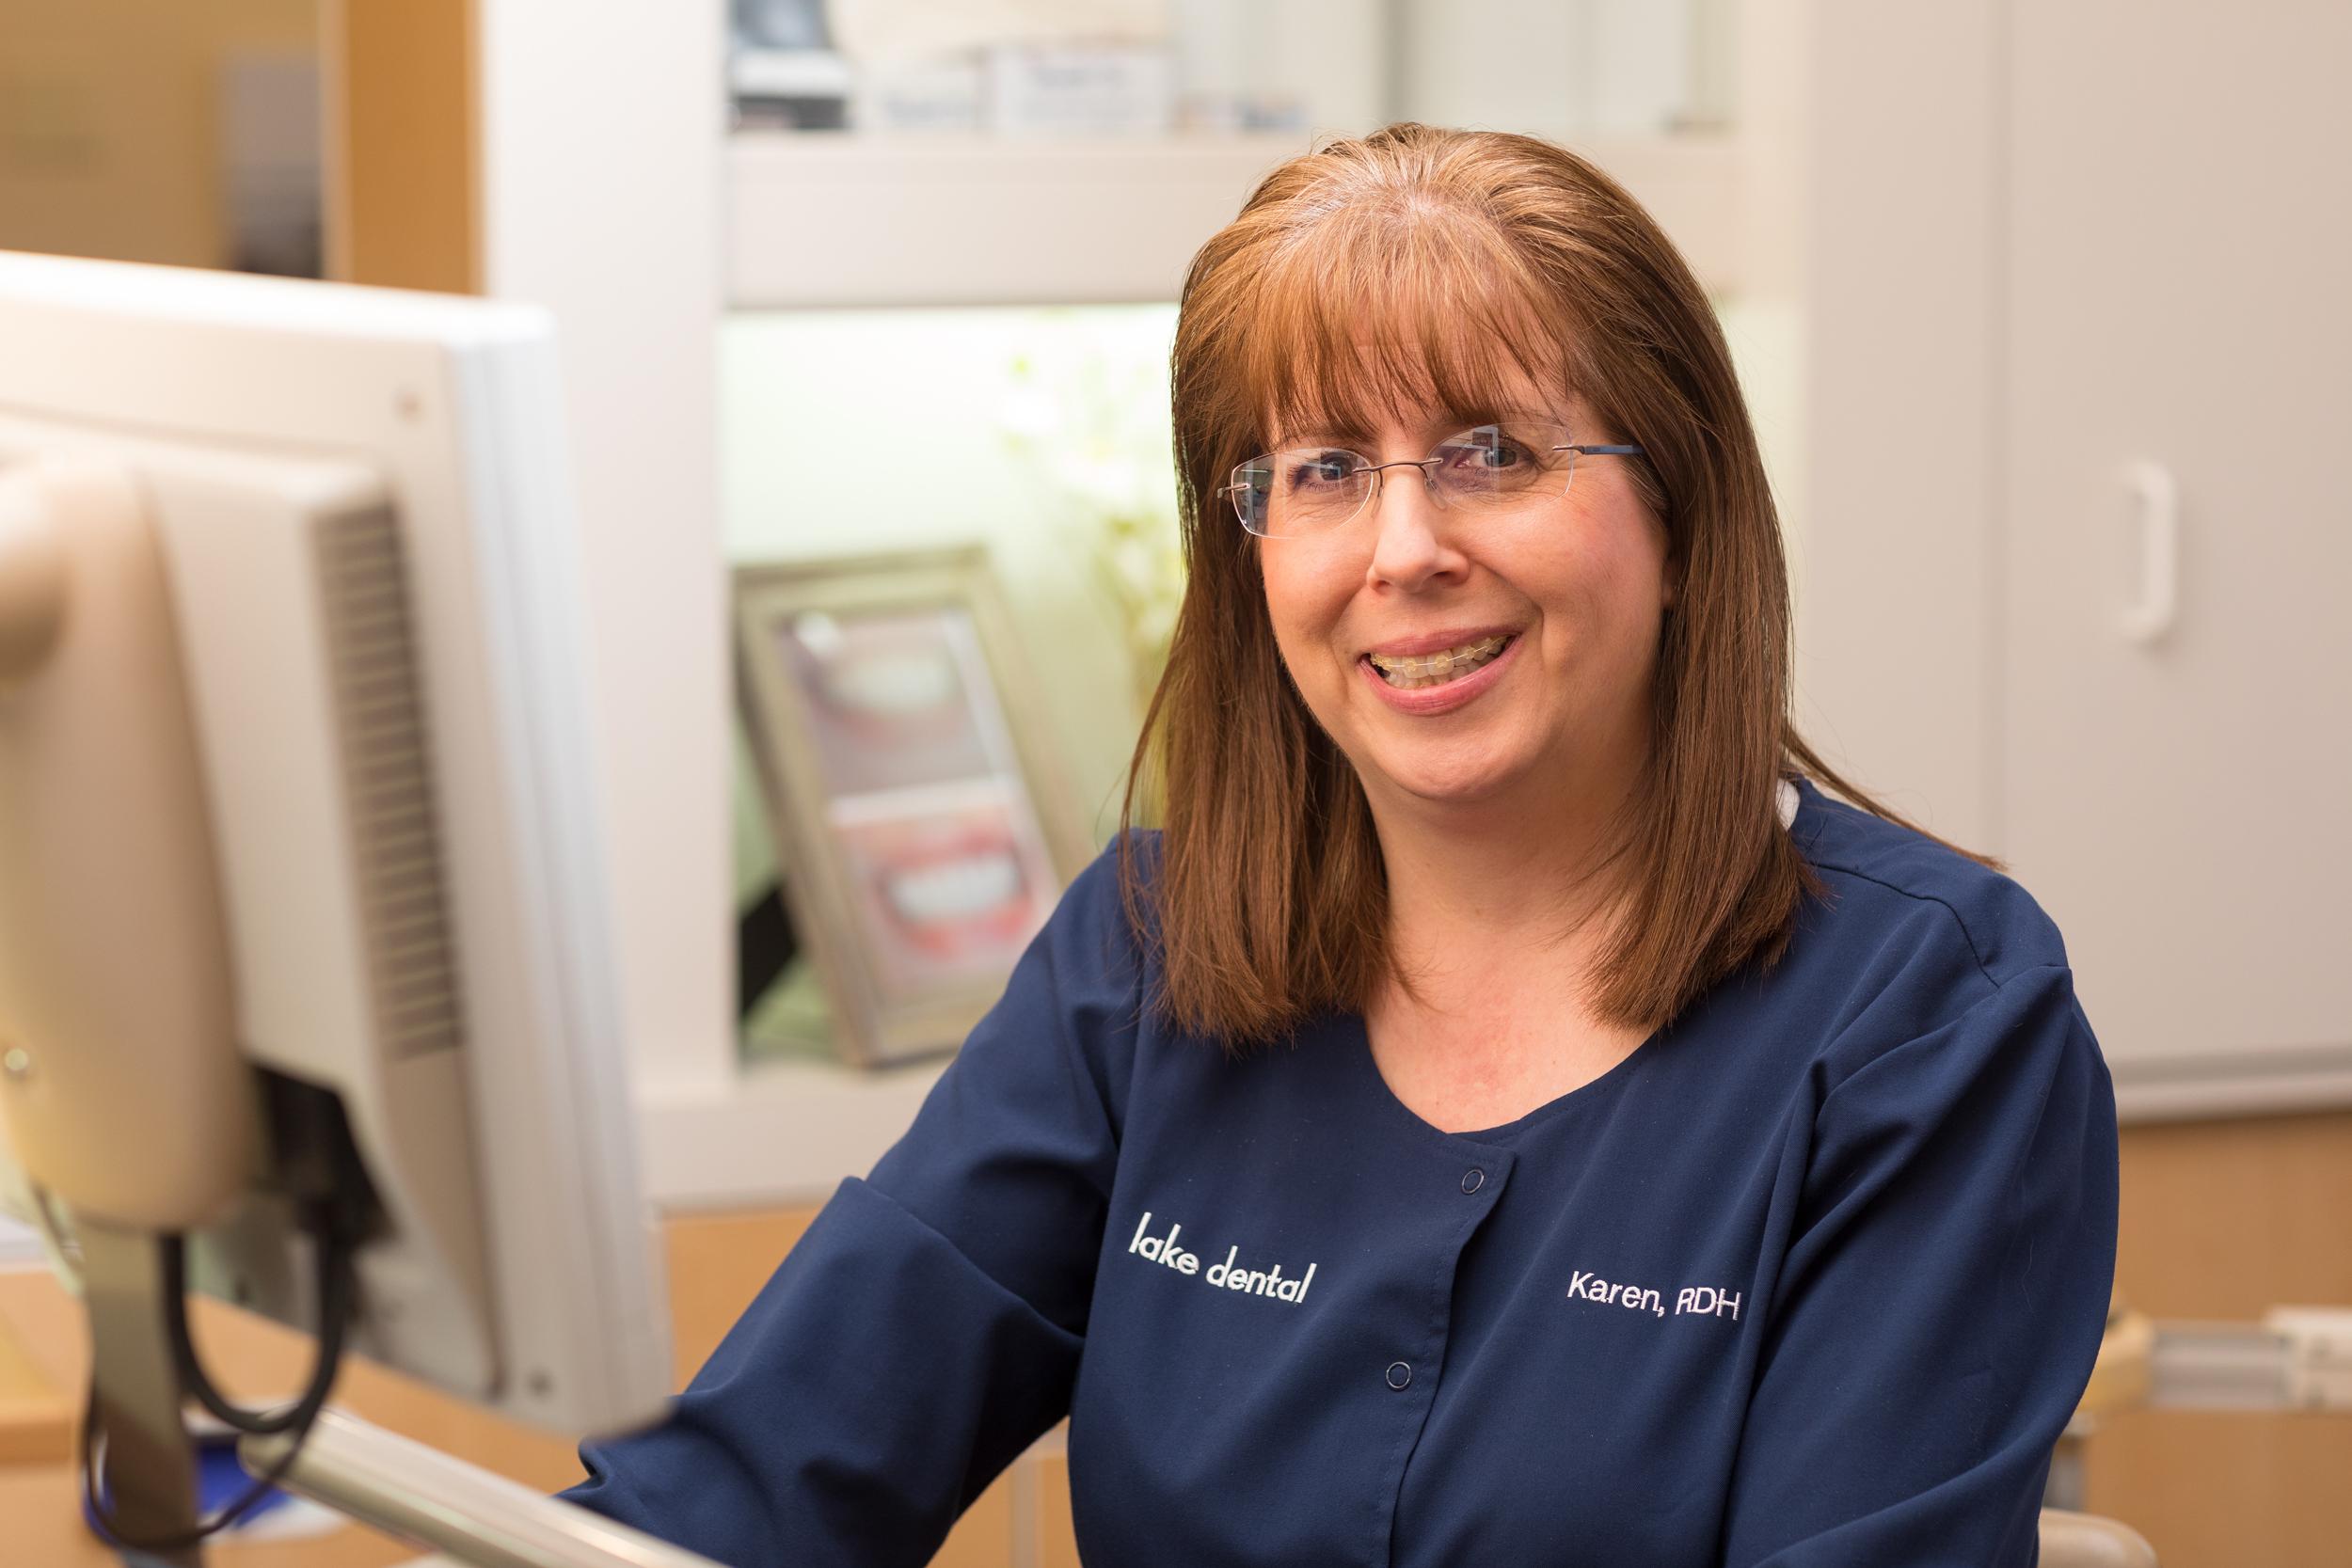 Lake Dental Staff Karen 040